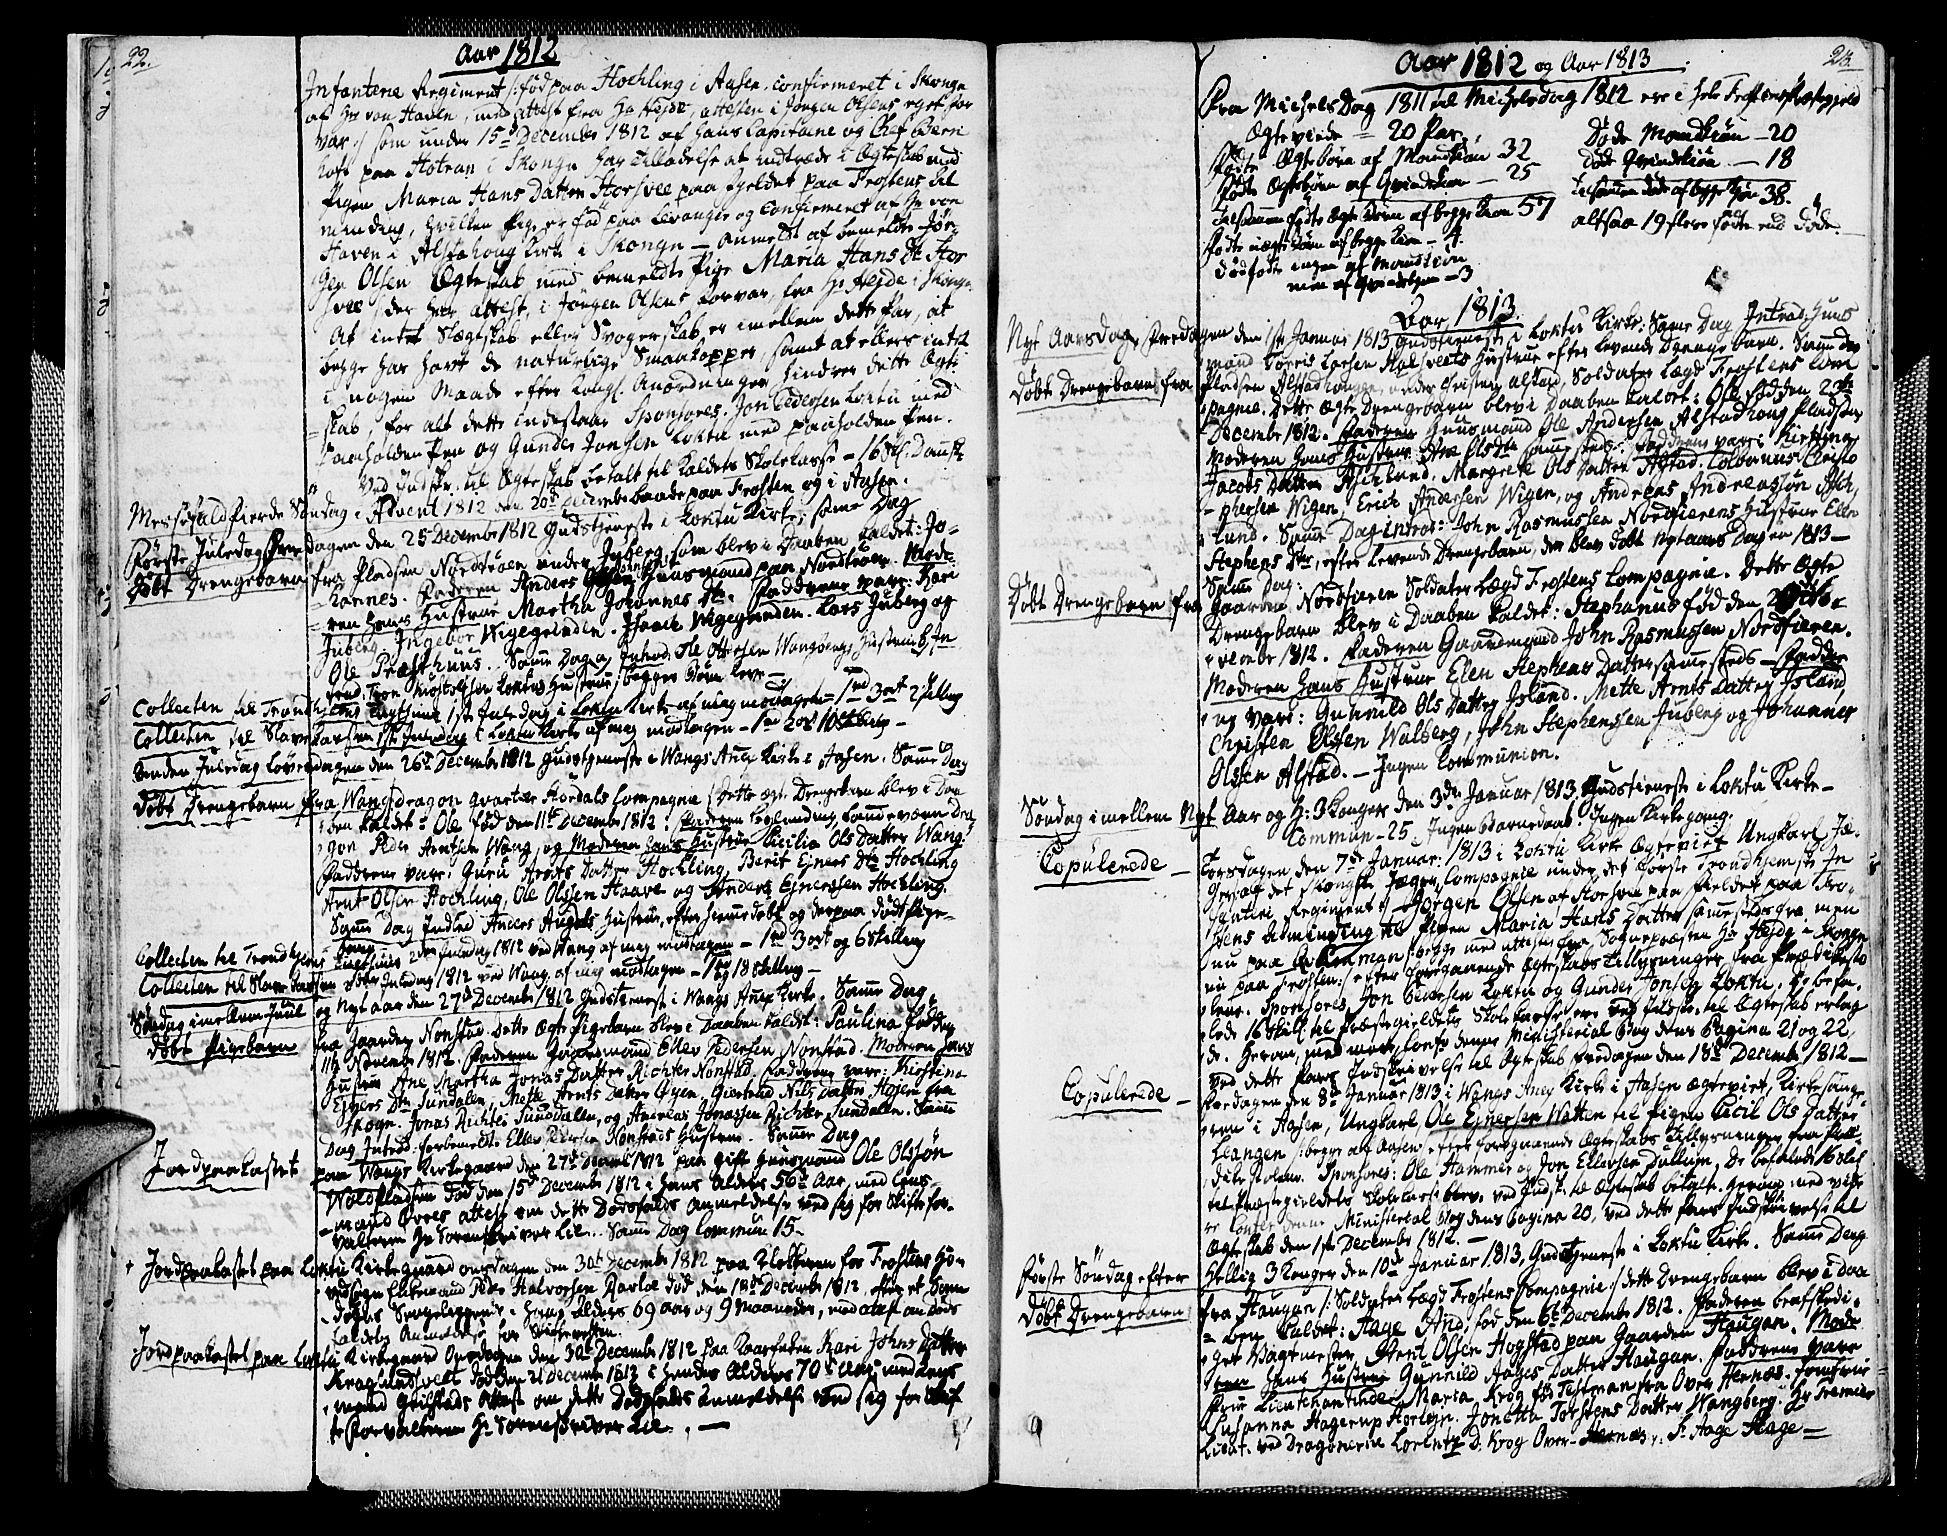 SAT, Ministerialprotokoller, klokkerbøker og fødselsregistre - Nord-Trøndelag, 713/L0111: Ministerialbok nr. 713A03, 1812-1816, s. 22-23